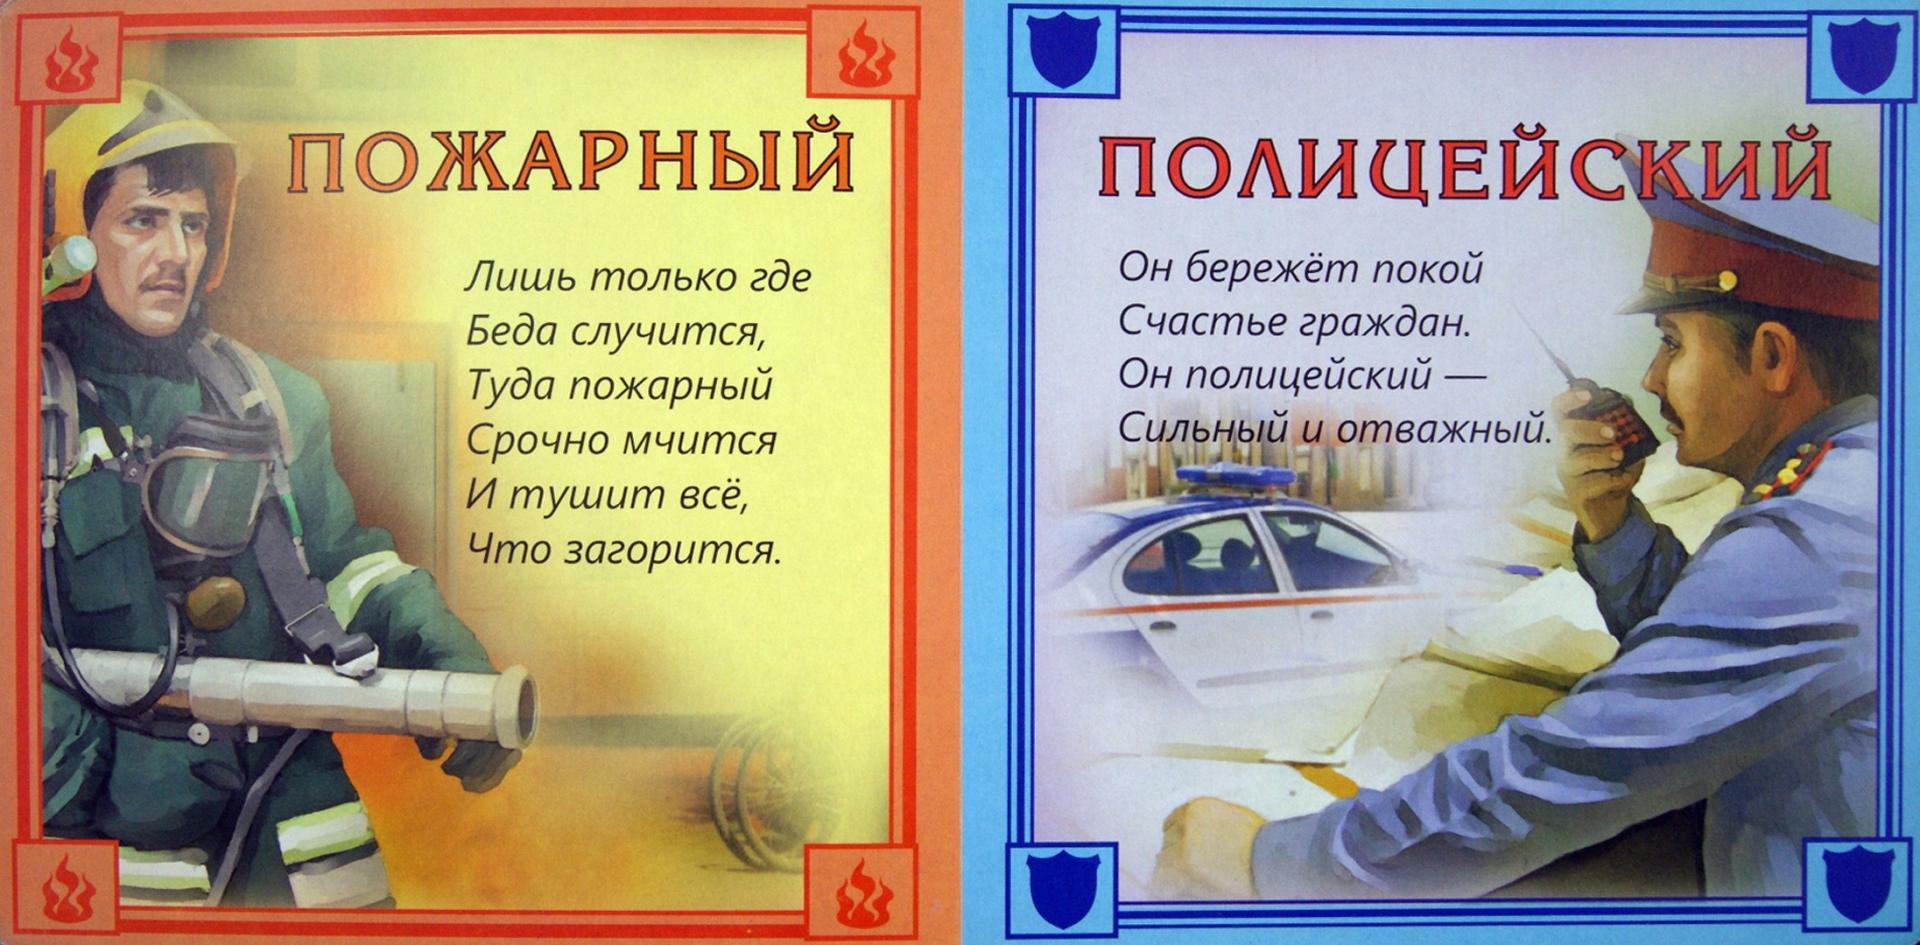 Иллюстрация 1 из 6 для Профессии - Наталья Курлат | Лабиринт - книги. Источник: Лабиринт